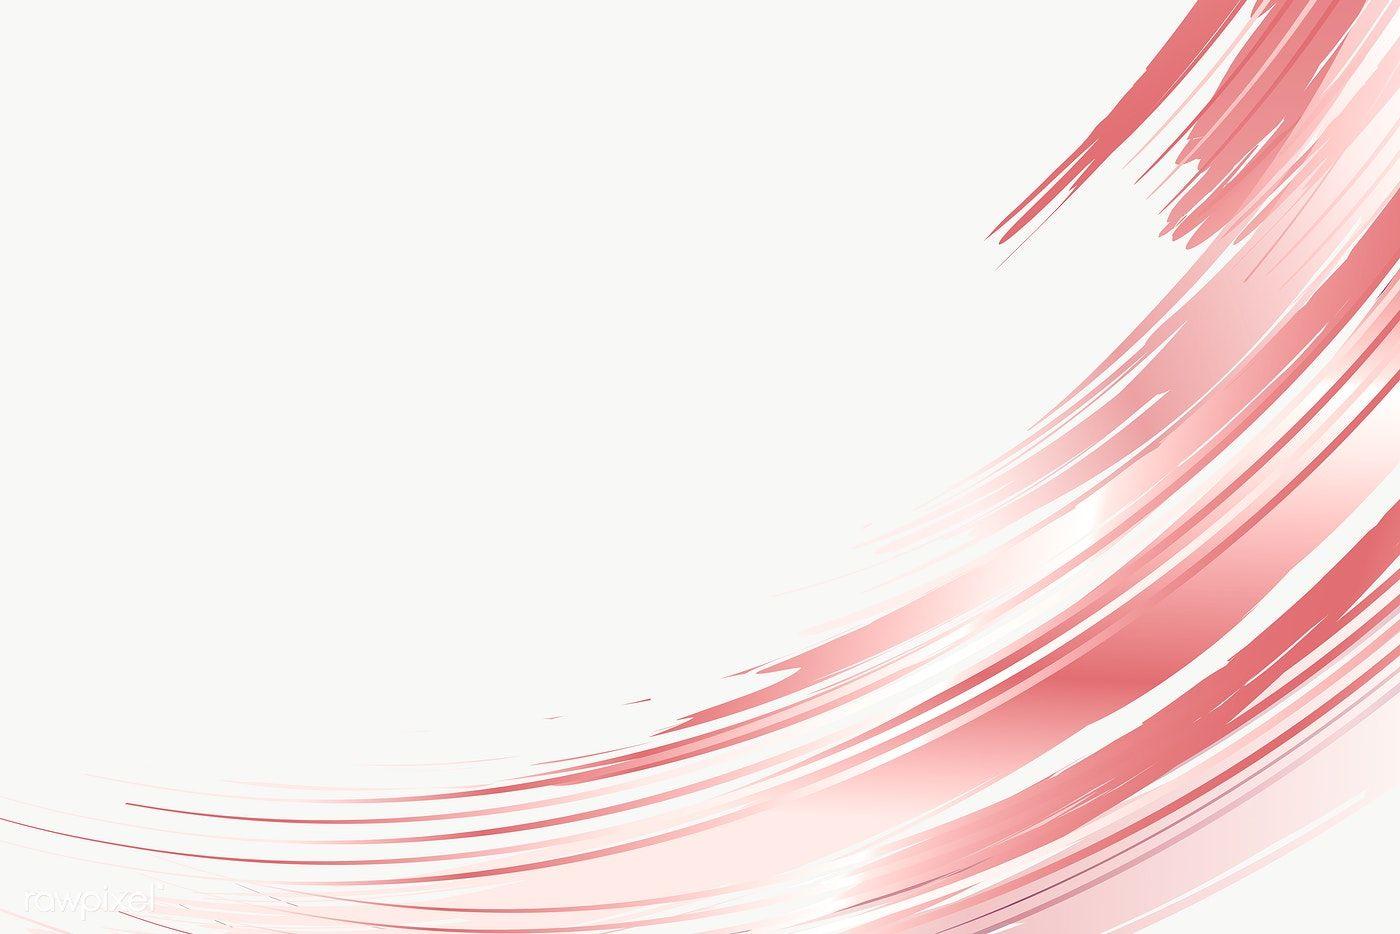 Download free png of Pink brush stroke design elem